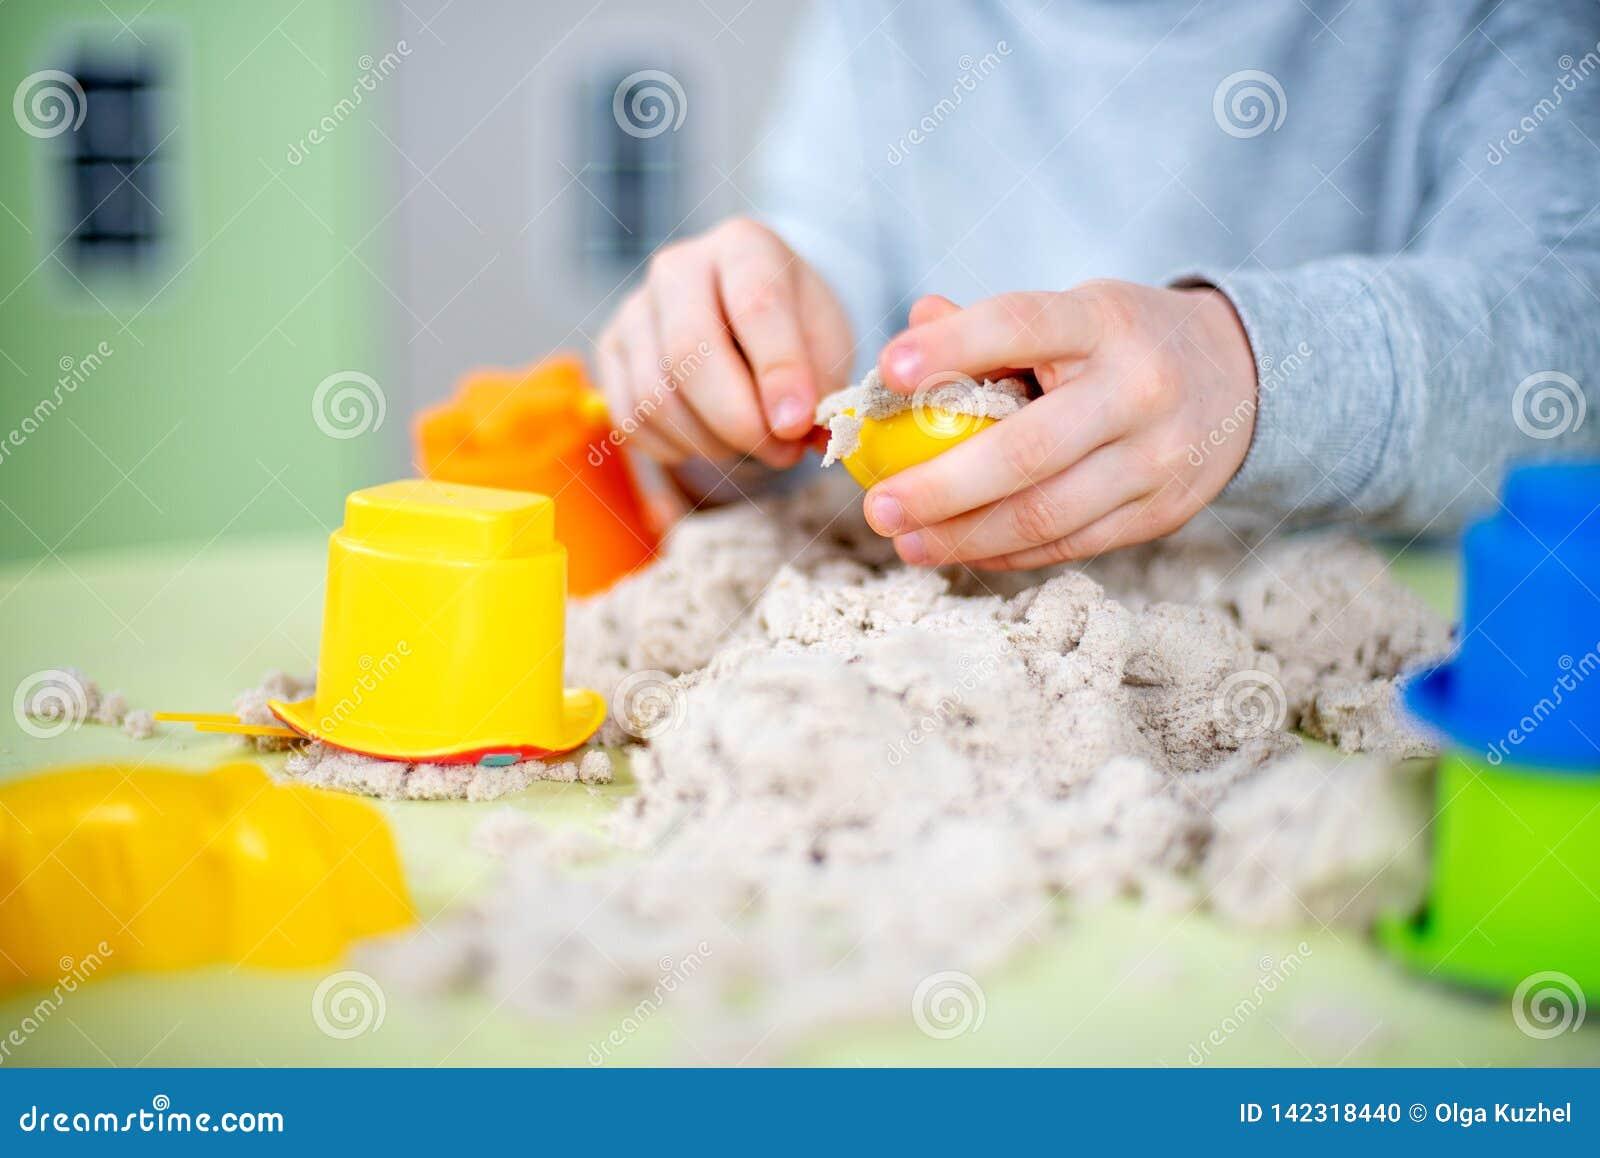 Счастливый мальчик играет кинетический песок дома